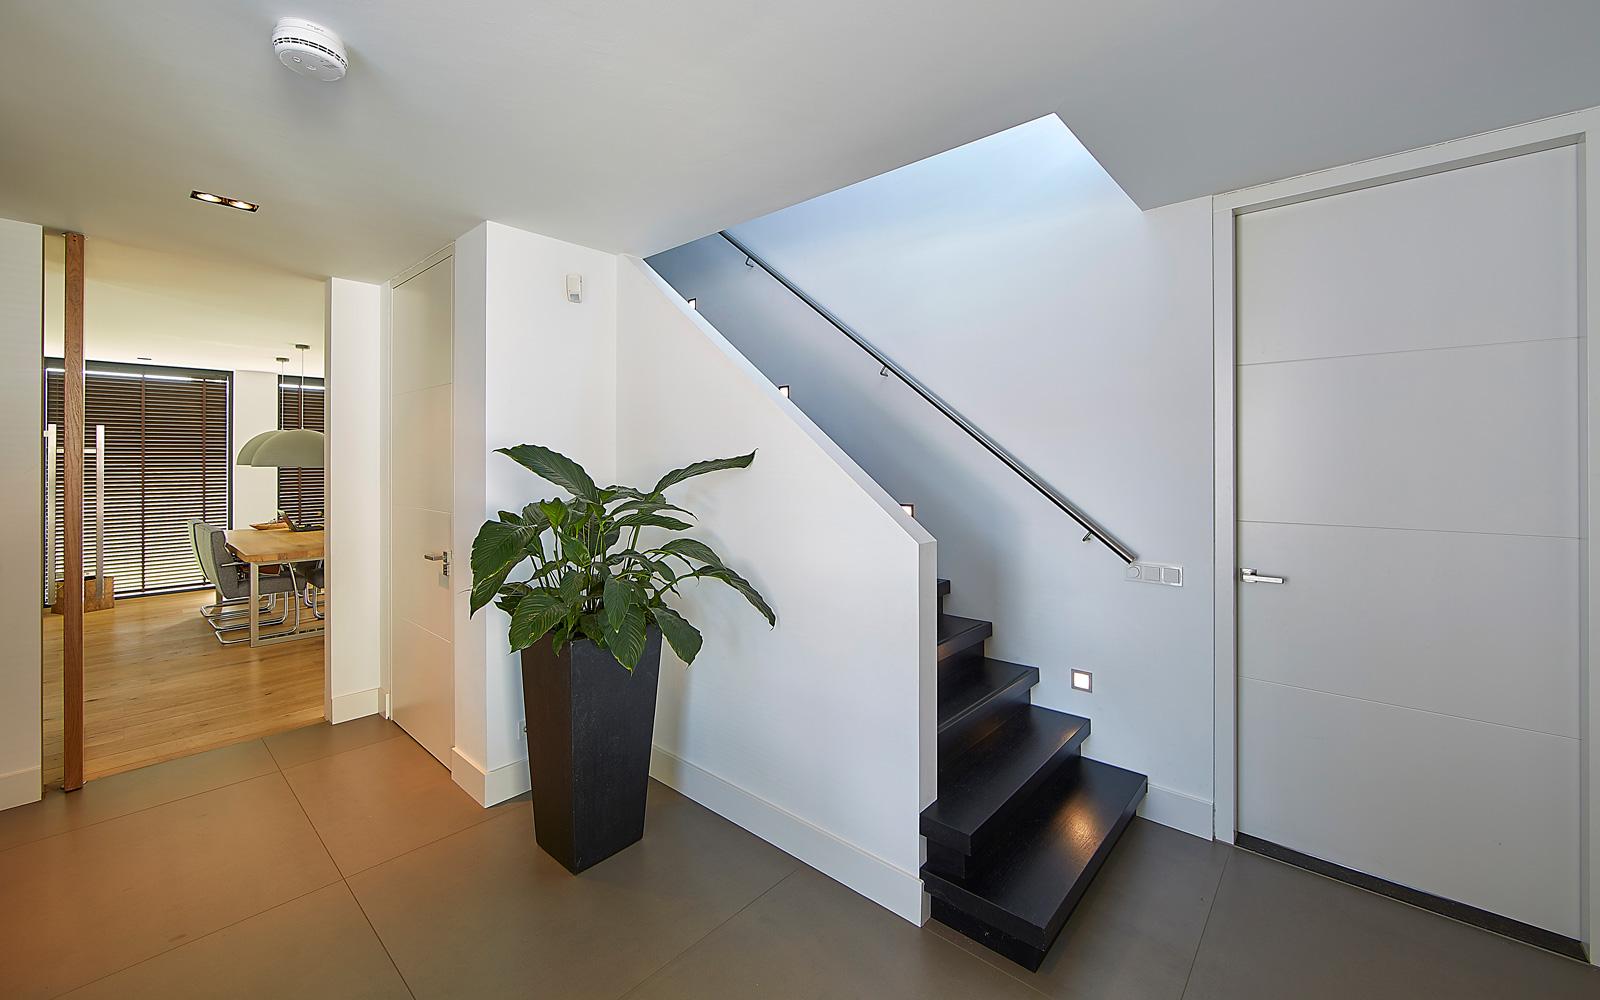 Smits & Strauven hebben het prachtige tegelwerk verzorgd in de villa.